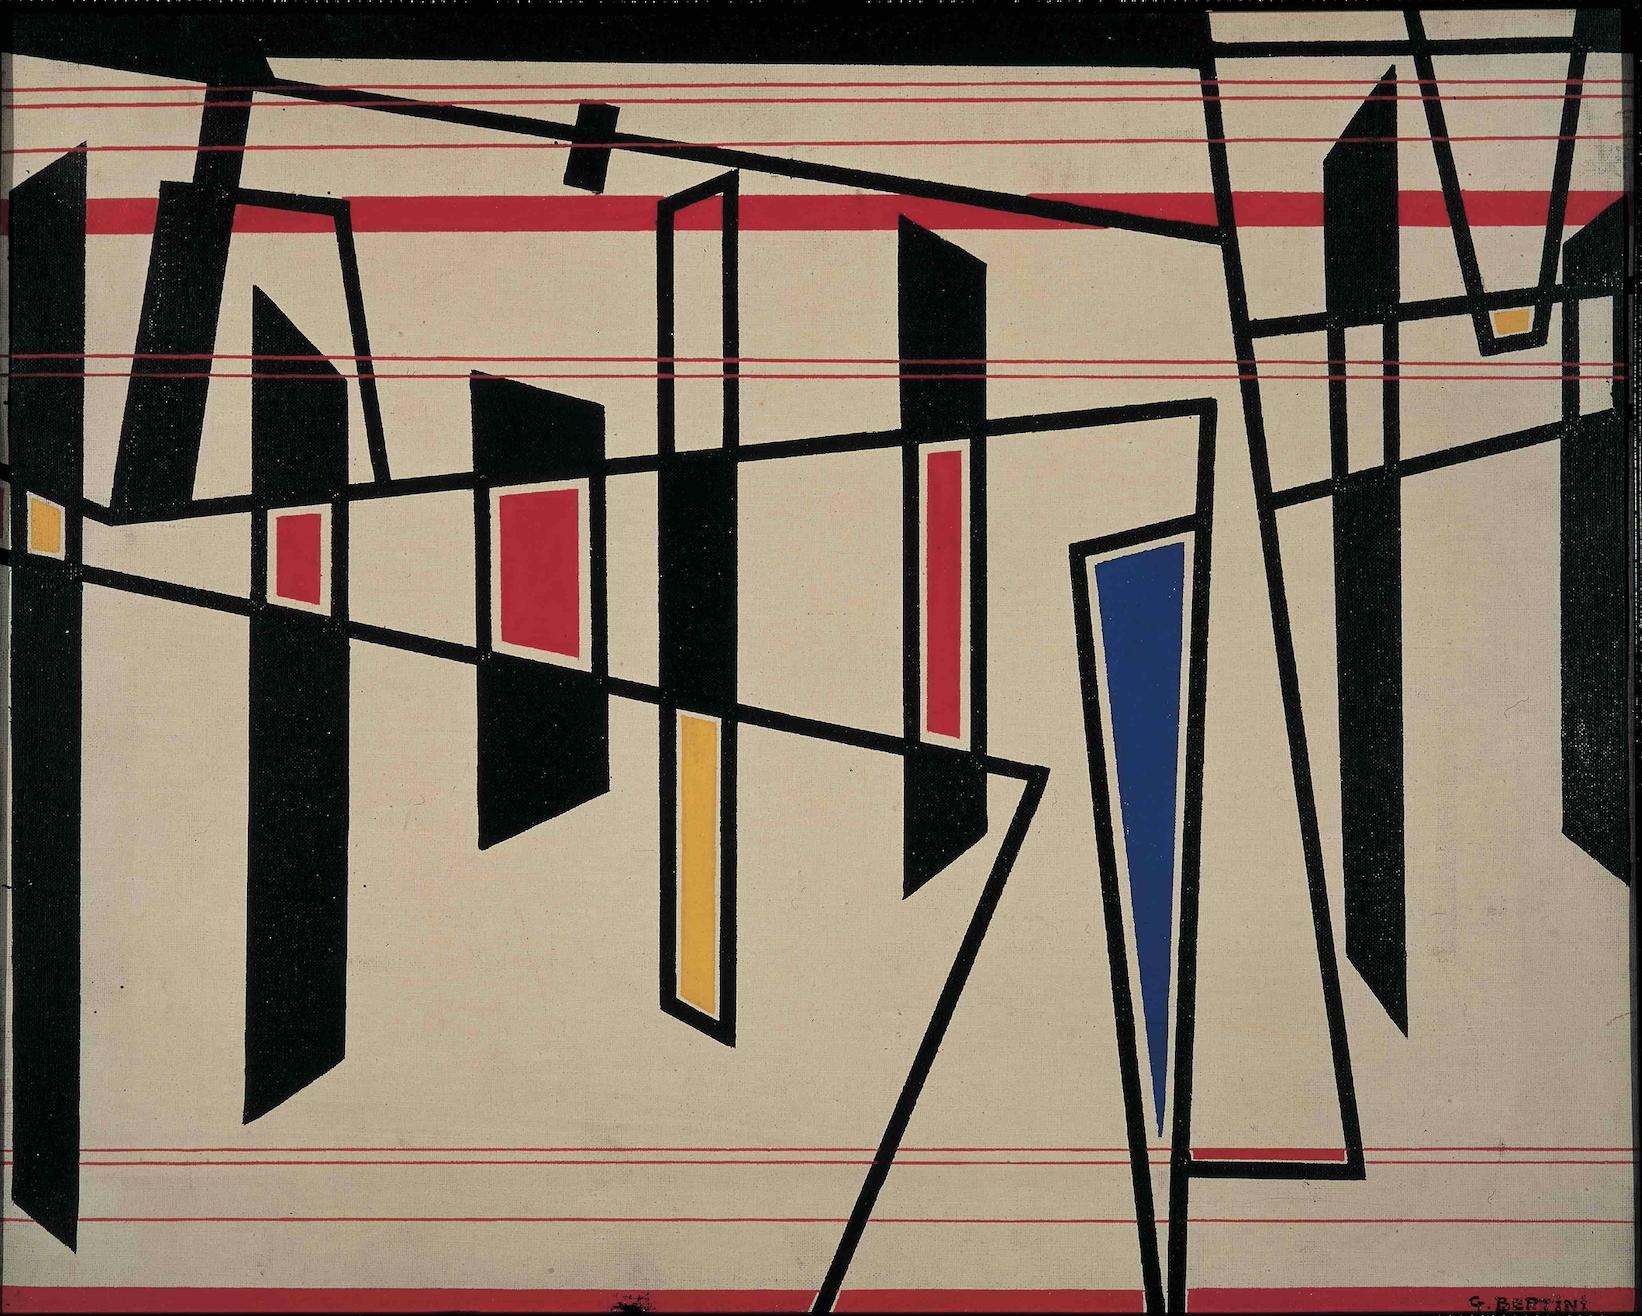 Senza titolo, 1950